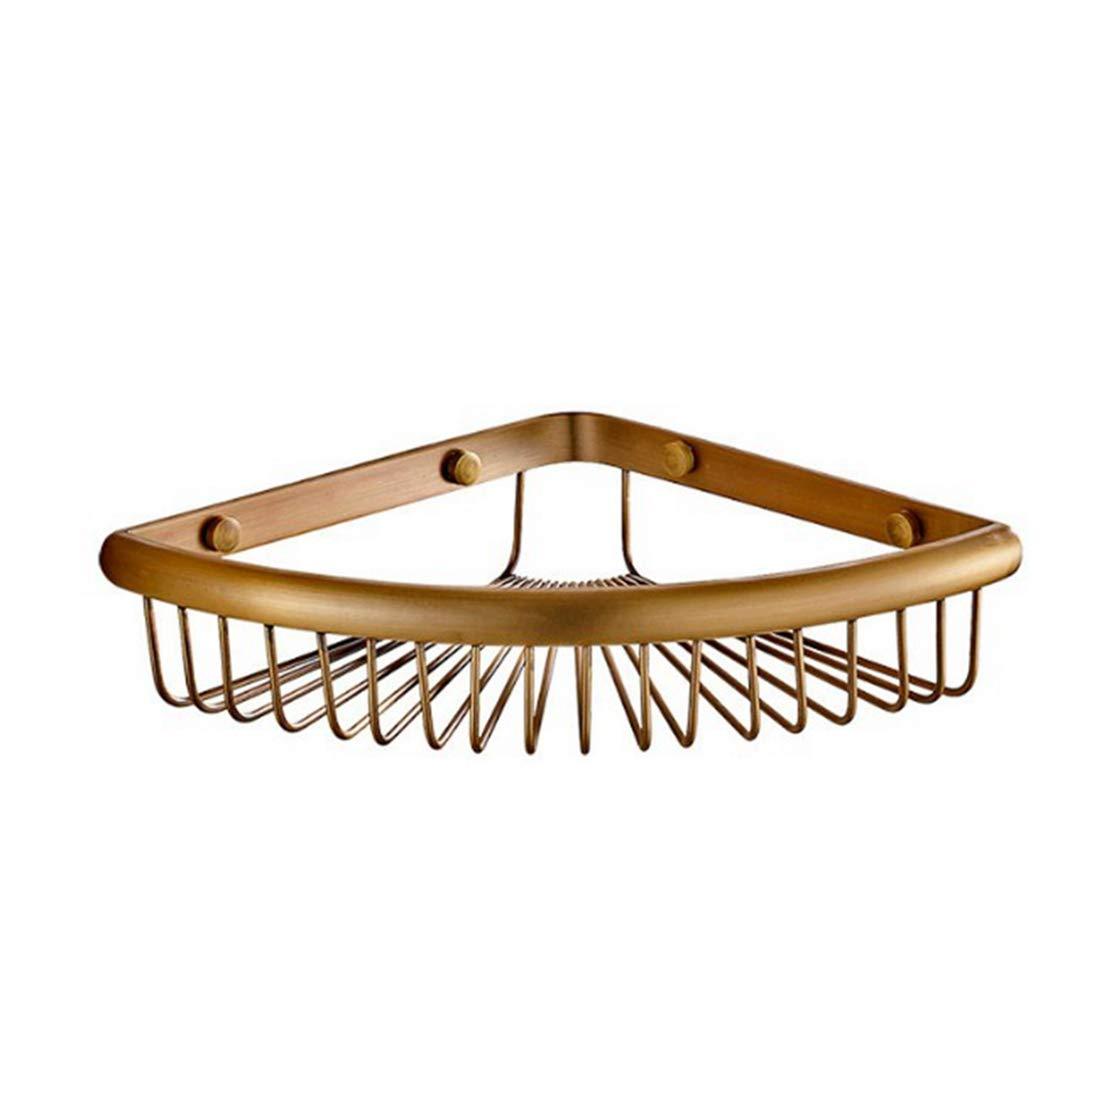 CAFUTY バスルームコーナーシャワーシェルフシャワーストレージ耐久性のある銅シャンプーバスケットホルダーキッチンコーナーシェルフ(シングルレイヤー、ダブルレイヤー、ダブルレイヤーフック) (Color : Metallic, サイズ : Double layer) B07JMSQBST Metallic Double layer